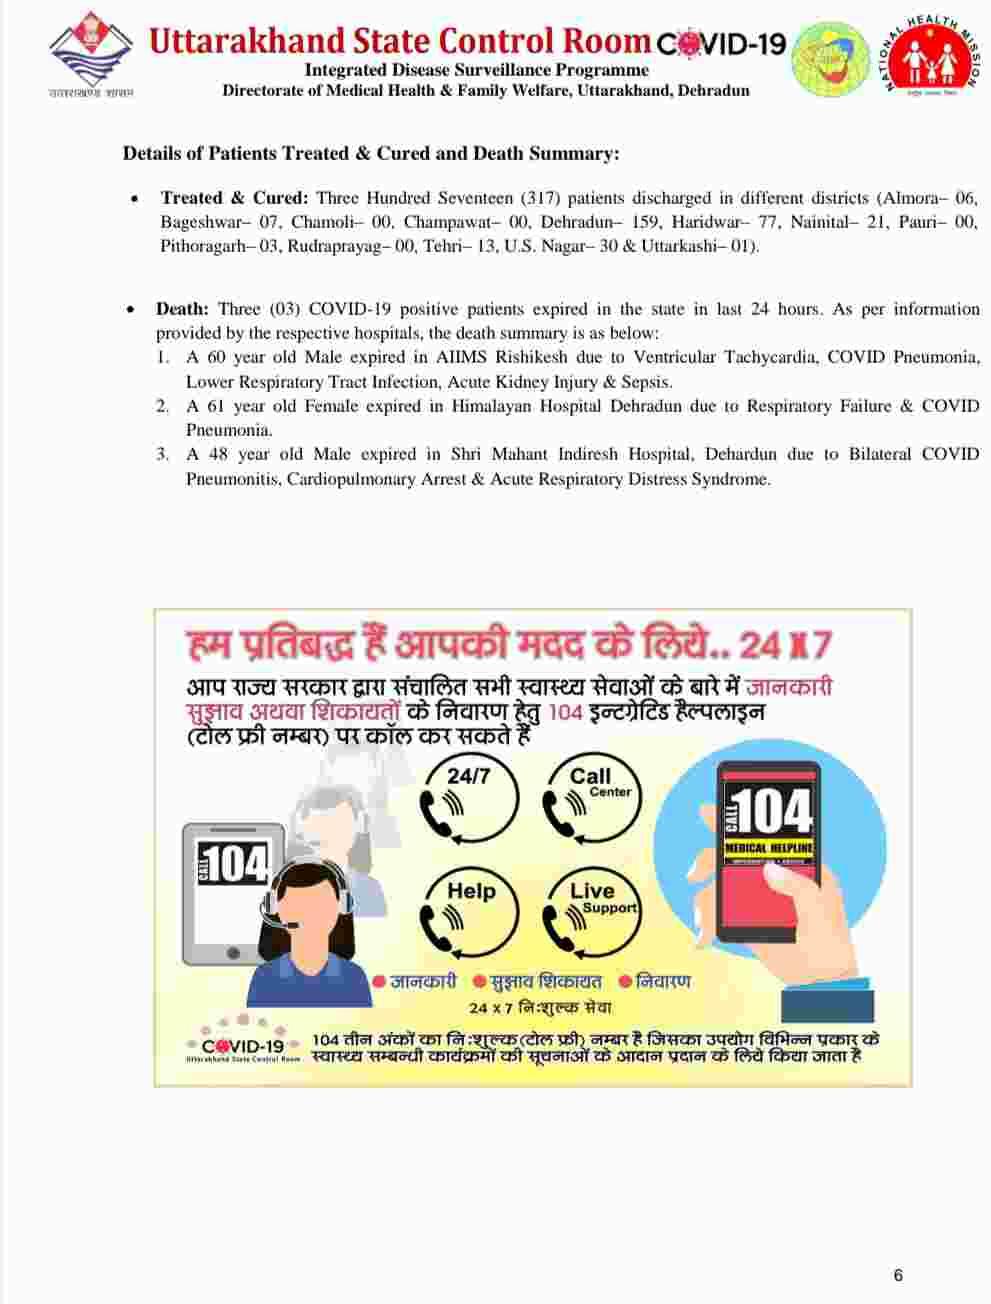 कोरोना बुलेटिन: उत्तराखंड में 1233 नए कोविड-19 मरीज़, 3 लोगों की मौत, देहरादून में अब 27 कंटेनमेंट जोन 7